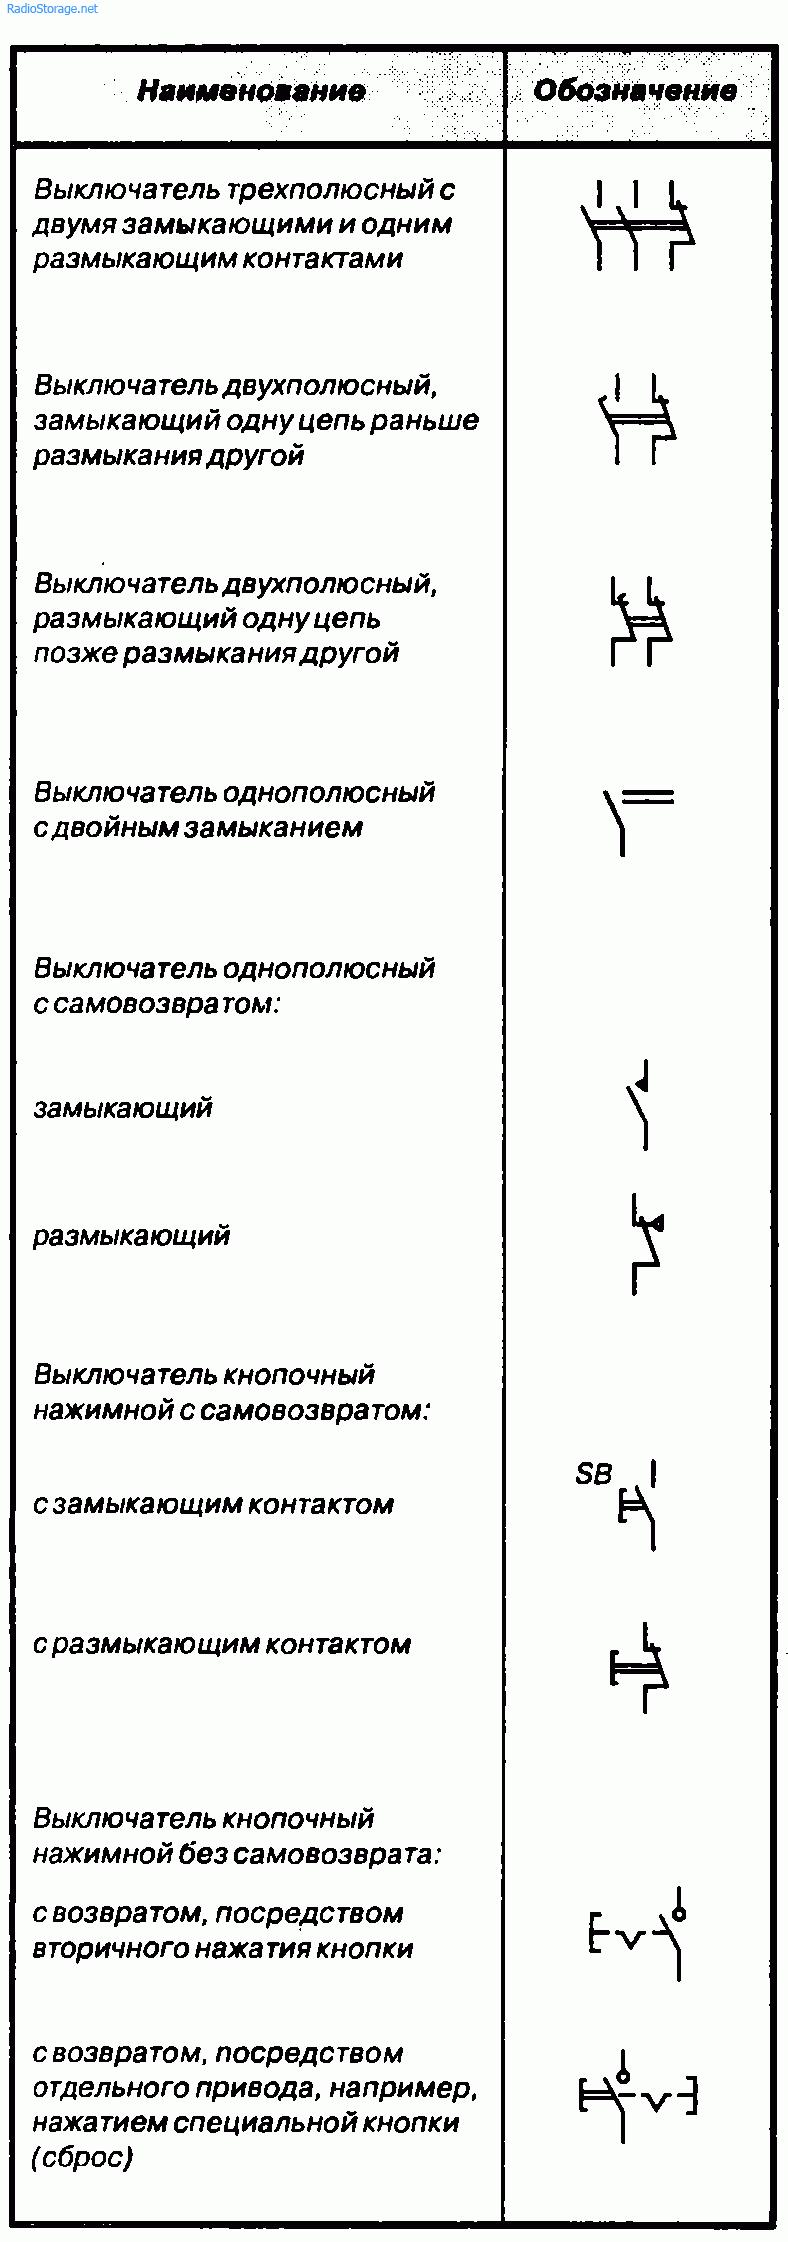 Обозначения на е схеме